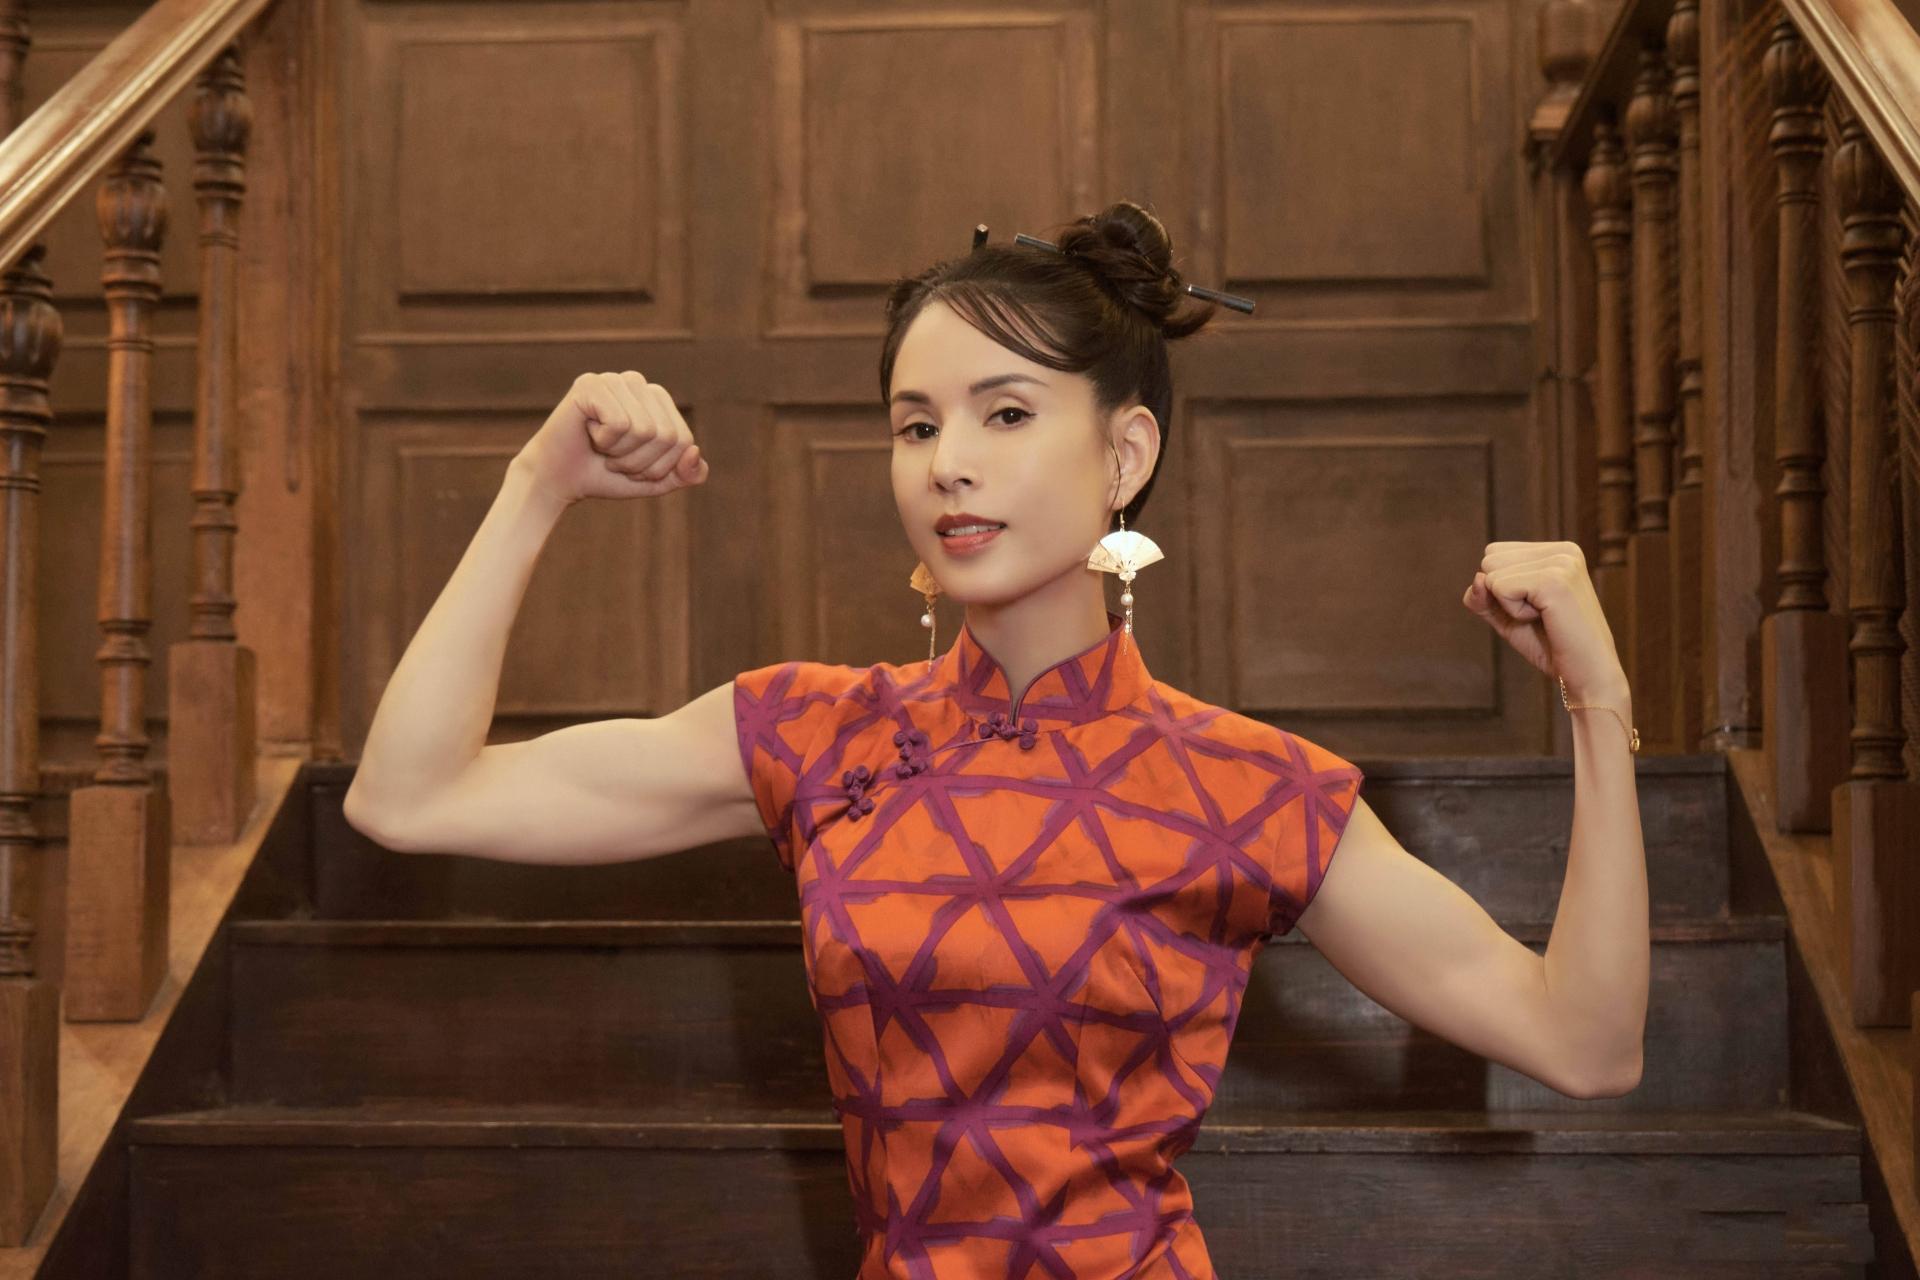 'Tiểu Long Nữ' Lý Nhược Đồng mặc sườn xám khoe vóc dáng tuyệt mỹ ở tuổi 54 2